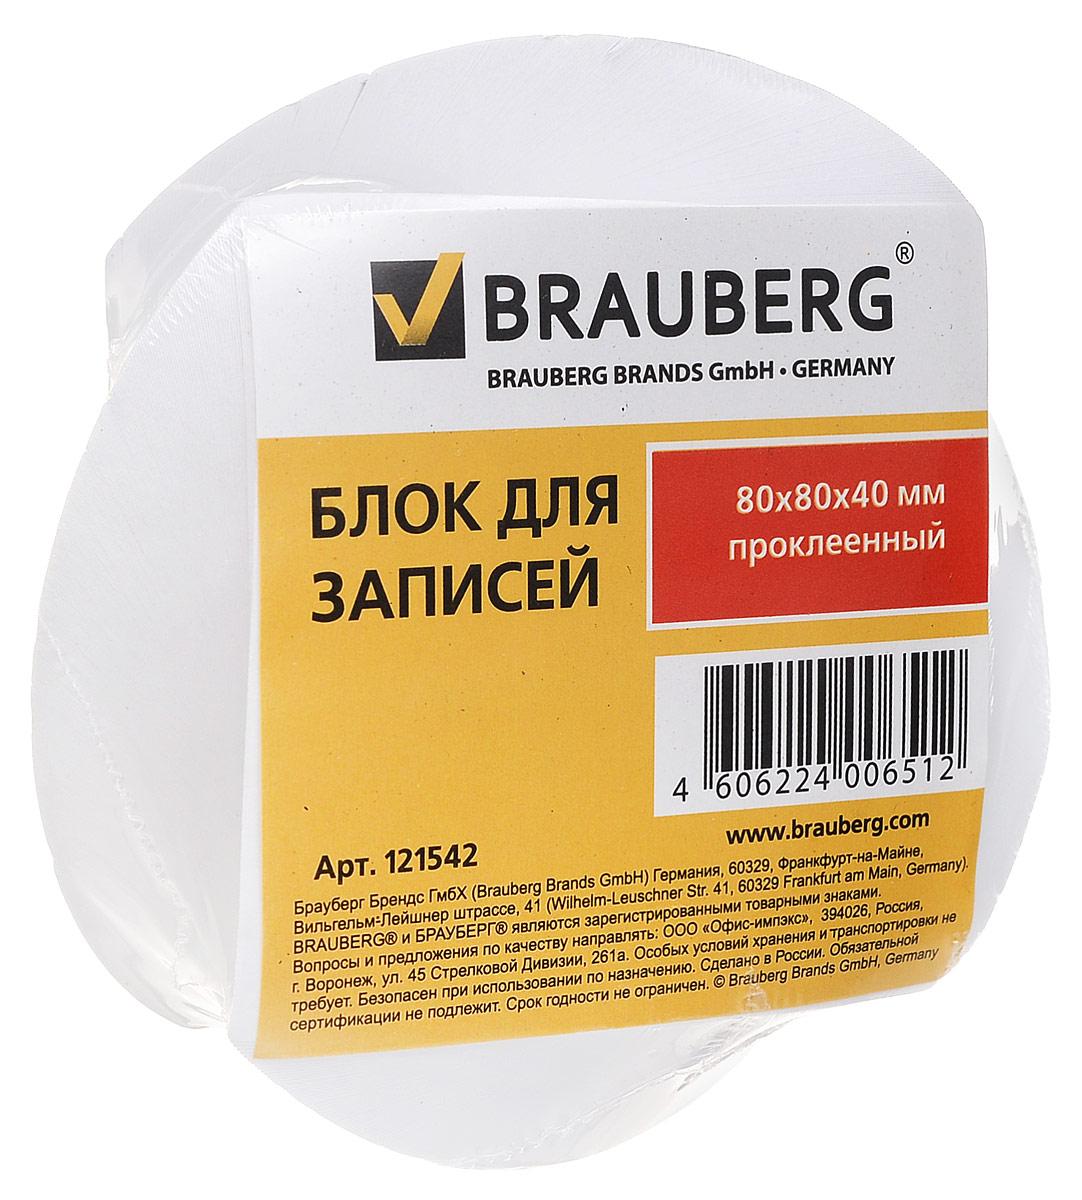 Brauberg Бумага для заметок 8 х 8 см 400 листов спираль0703415Бумага для заметок Brauberg непременно привлечет к себе внимание.Бумага состоит из четырехсот белых листочков, которые удобны для заметок, объявлений и других коротких сообщений. Листочки легко приклеиваются к любой поверхности, будь то бумага, корпус монитора или дверь. Также они не оставляют следов после отклеивания.Блок бумаги выполнен в виде спирали.Идеально подходит для быстрой фиксации информации.